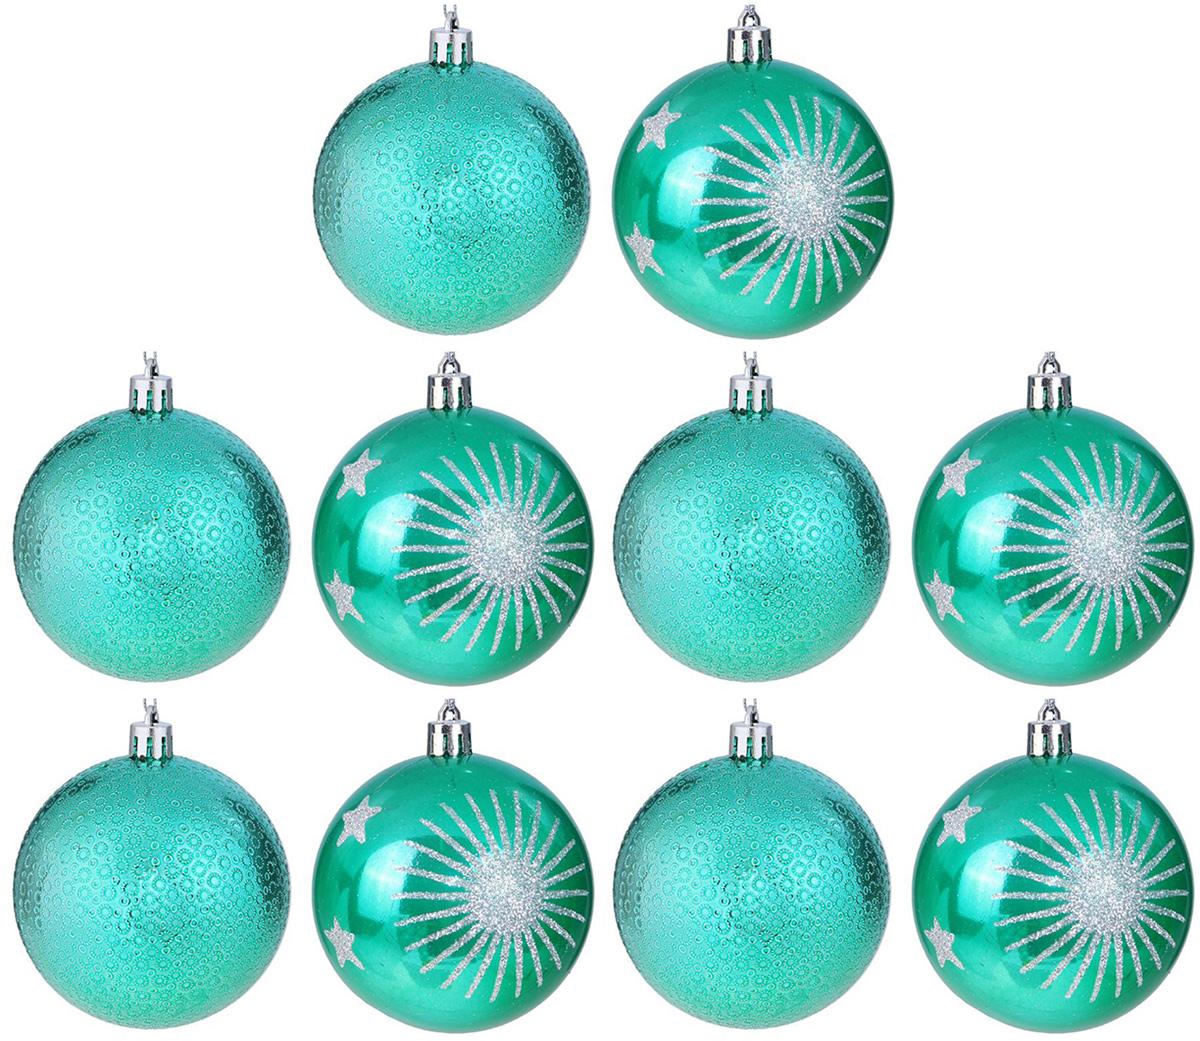 Набор новогодних подвесных украшений Sima-land Изумрудик. Звезды, диаметр 8 см, 12 шт2131467Набор новогодних подвесных украшений Sima-land отлично подойдет для декорации вашего дома и новогодней ели. С помощью специальной петельки украшение можно повесить в любом понравившемся вам месте. Но, конечно, удачнее всего оно будет смотреться на праздничной елке. Елочная игрушка - символ Нового года. Она несет в себе волшебство и красоту праздника. Создайте в своем доме атмосферу веселья и радости, украшая новогоднюю елку нарядными игрушками, которые будут из года в год накапливать теплоту воспоминаний.